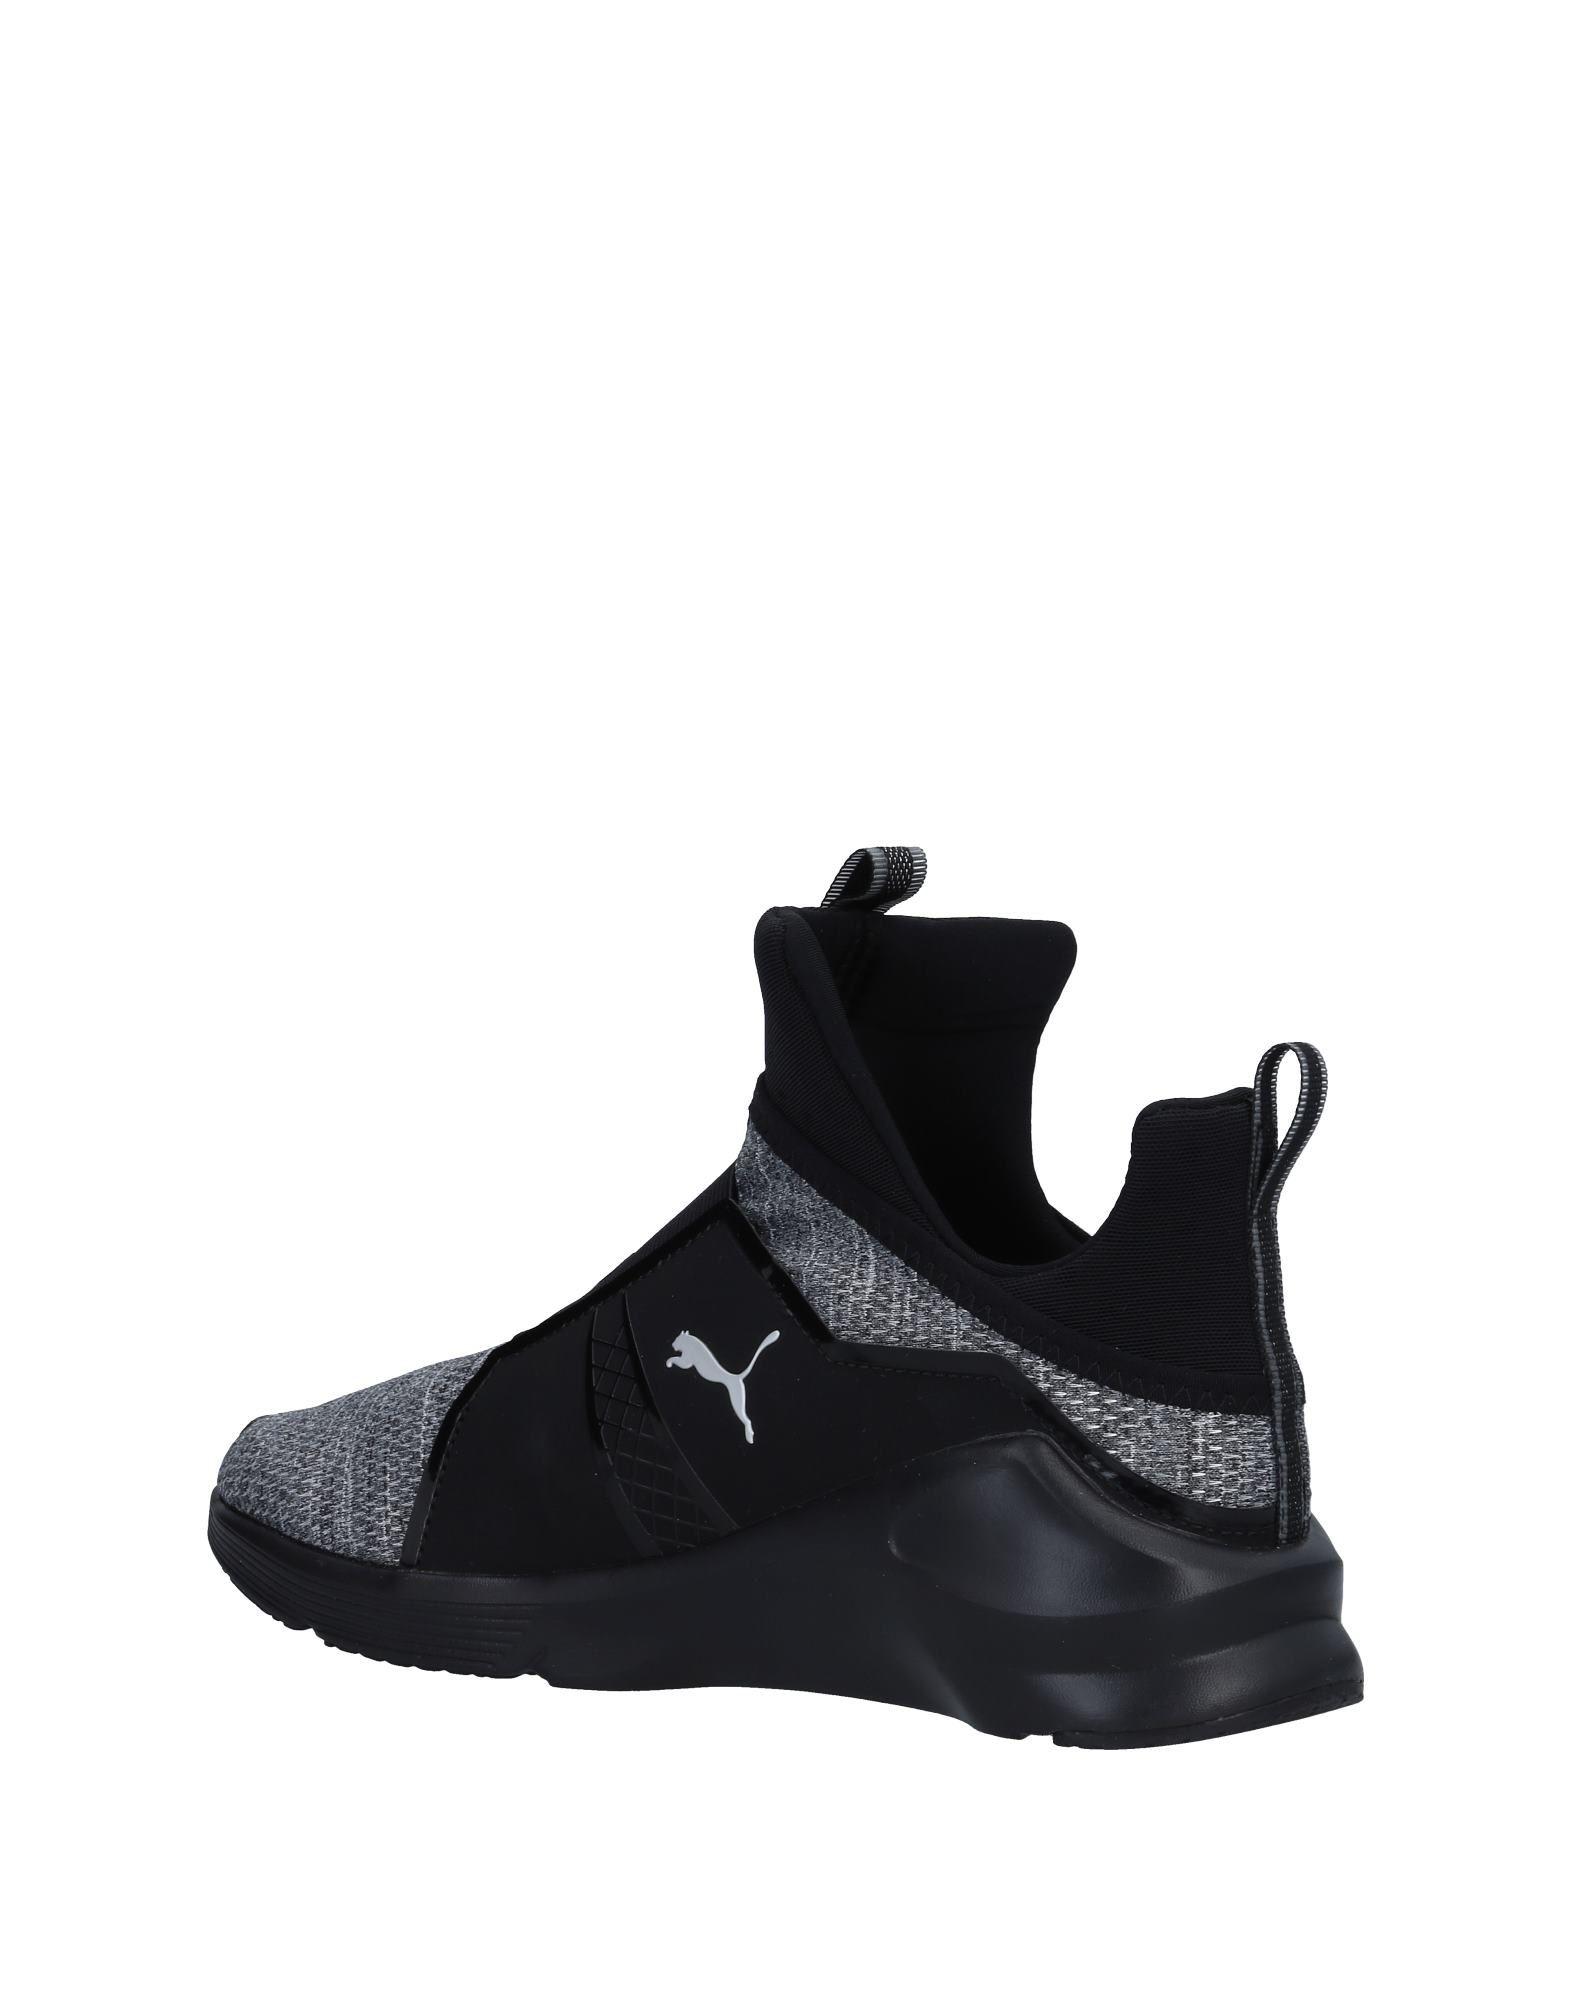 Puma Sneakers Damen Schuhe  11495647FU Gute Qualität beliebte Schuhe Damen 464843